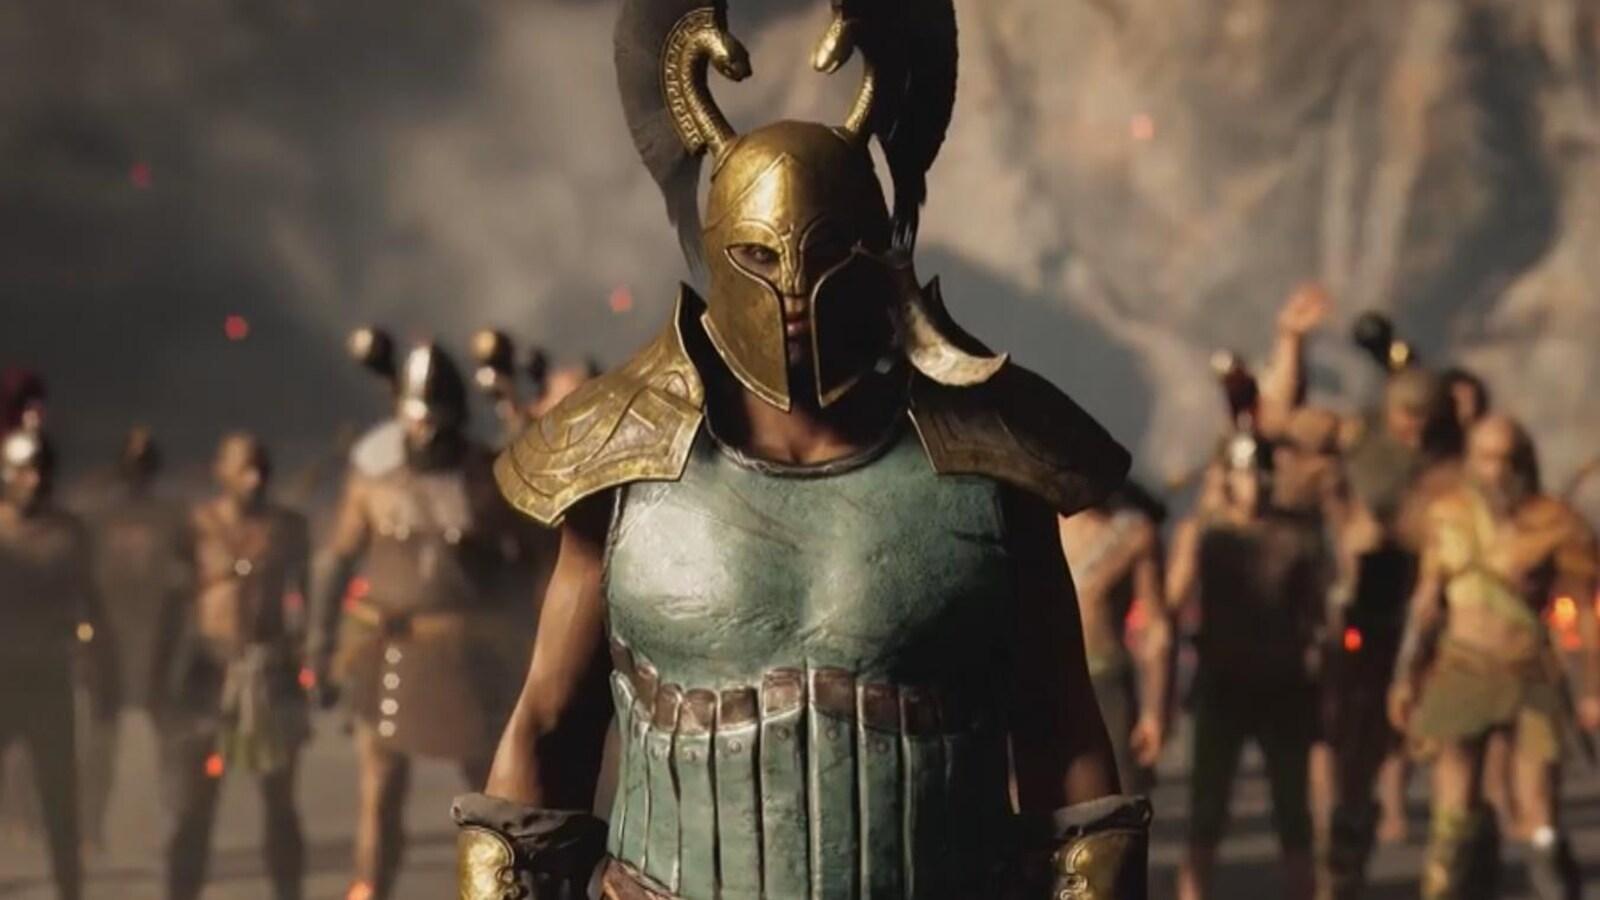 Un guerrier grec du jeu Assassin's Creed Odyssey.